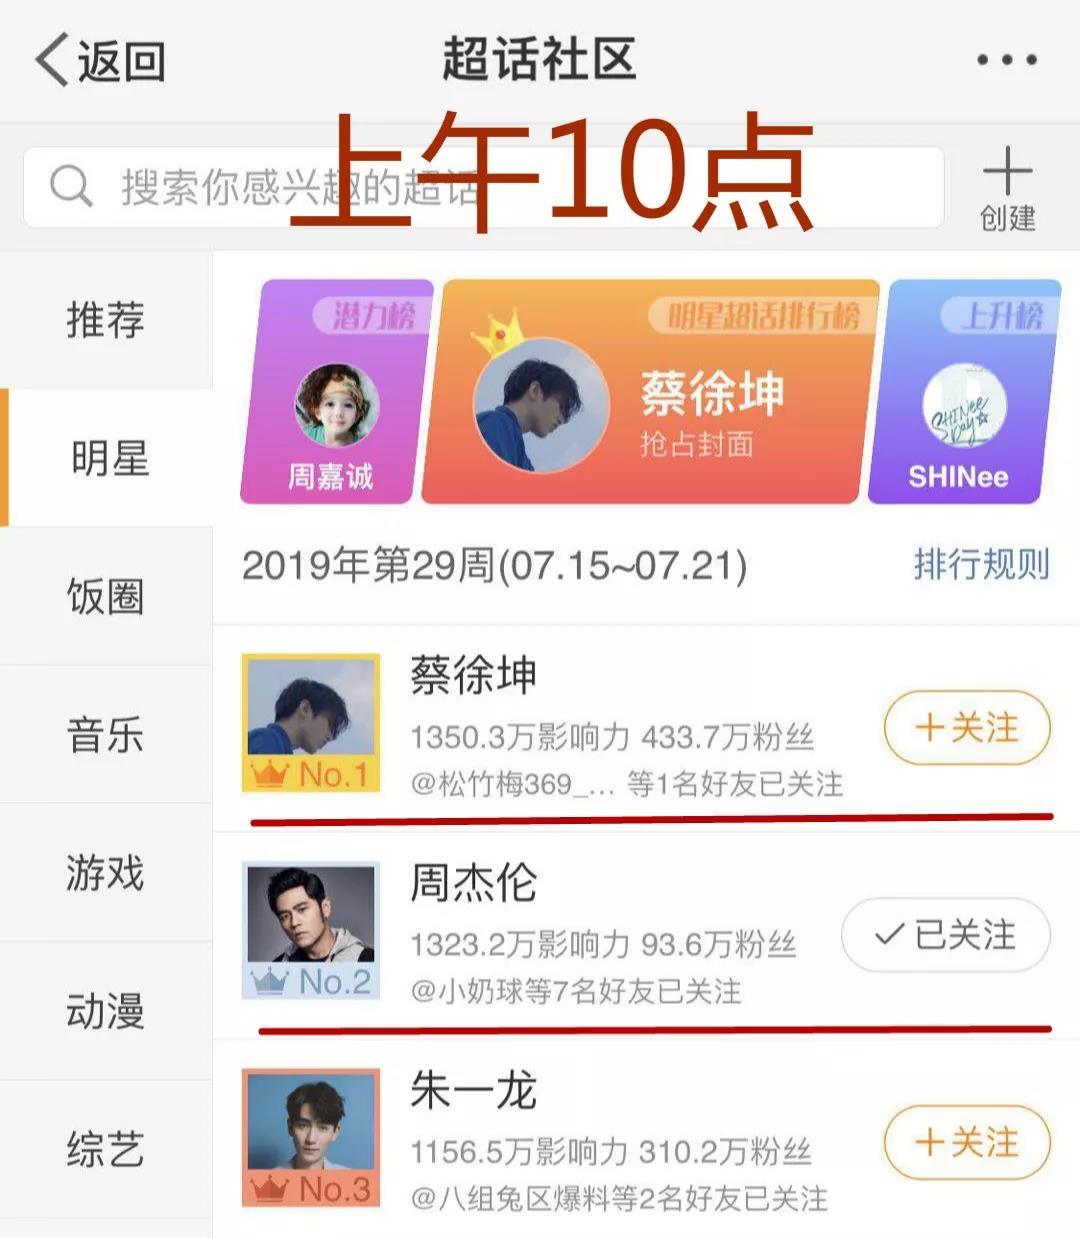 周杰伦中老年粉VS蔡徐坤铁军:激战16小时终于登顶!